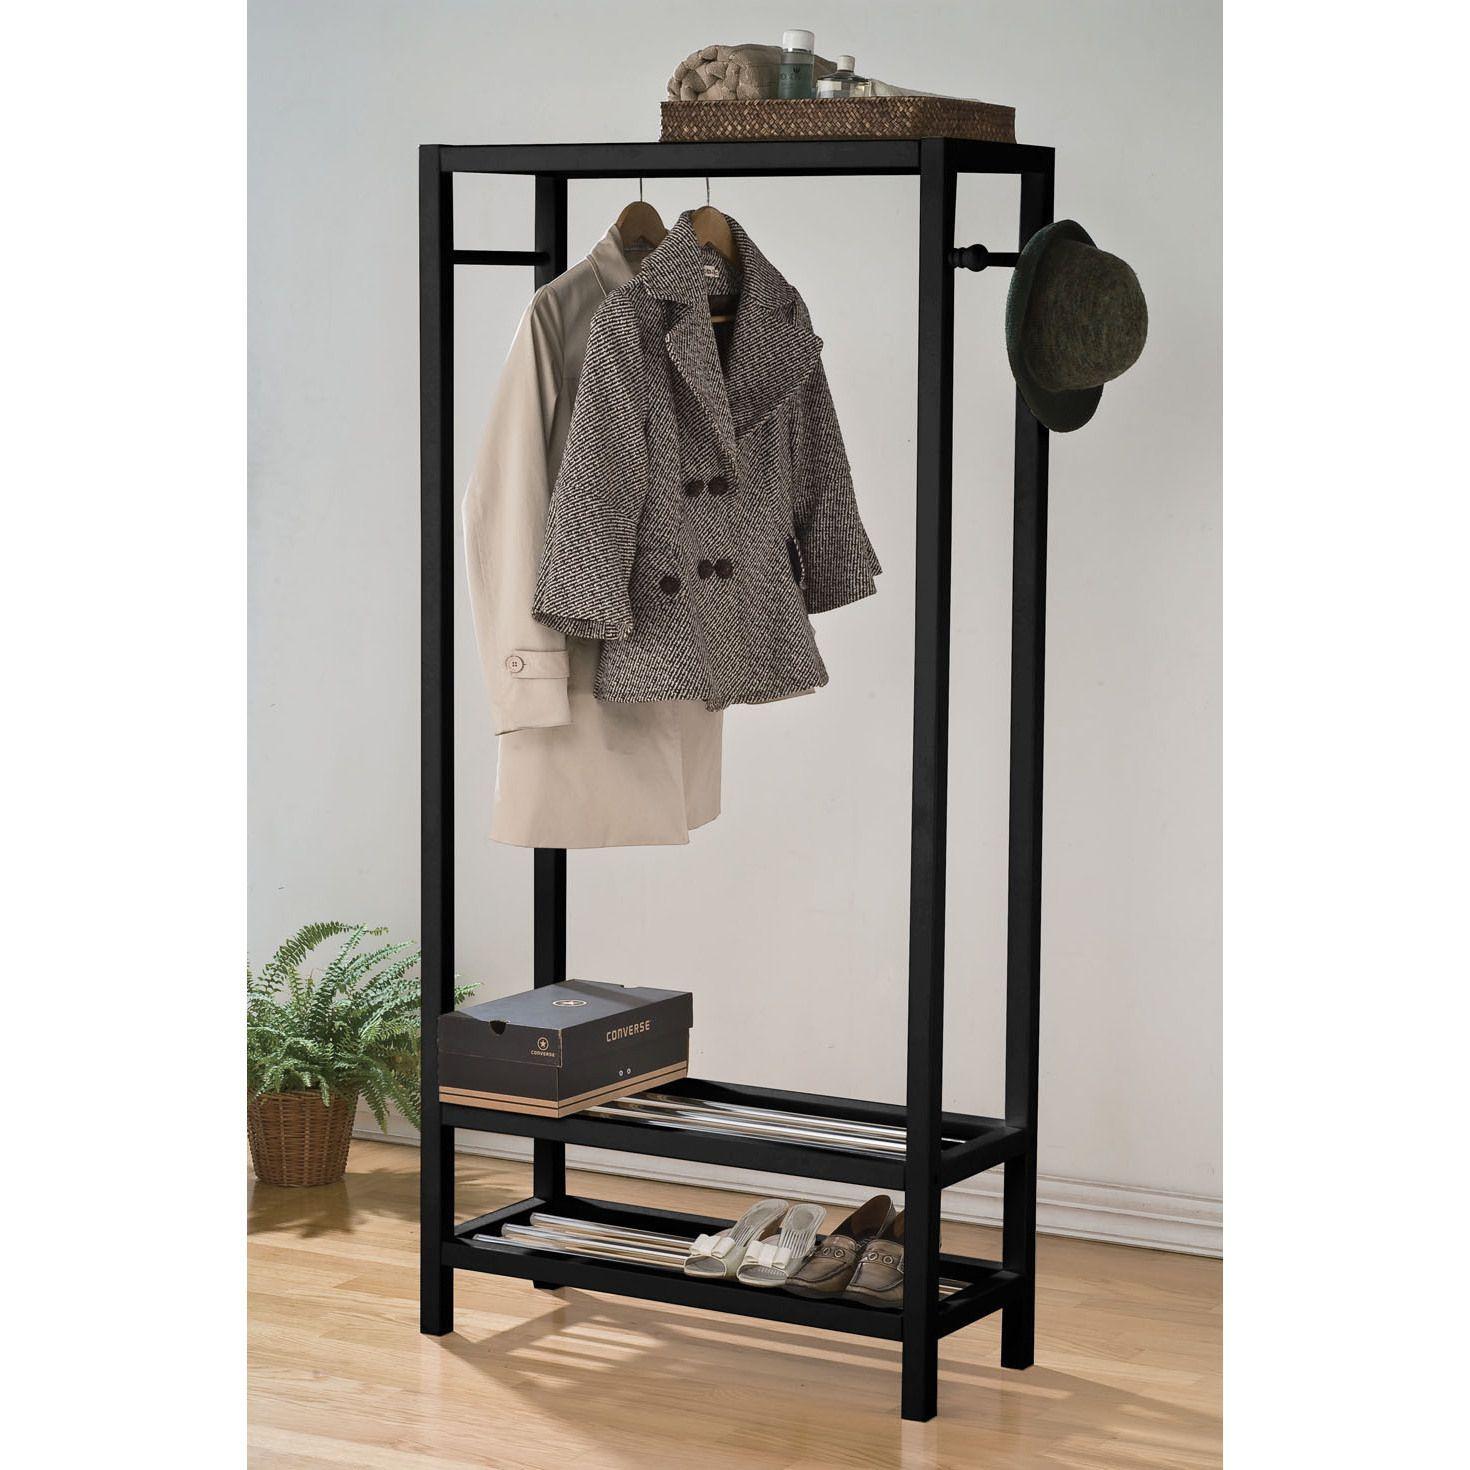 SUPER Heavy Duty 4ft Long Clothes Hanging Garment Rail Storage Shoe /& Hat Rack